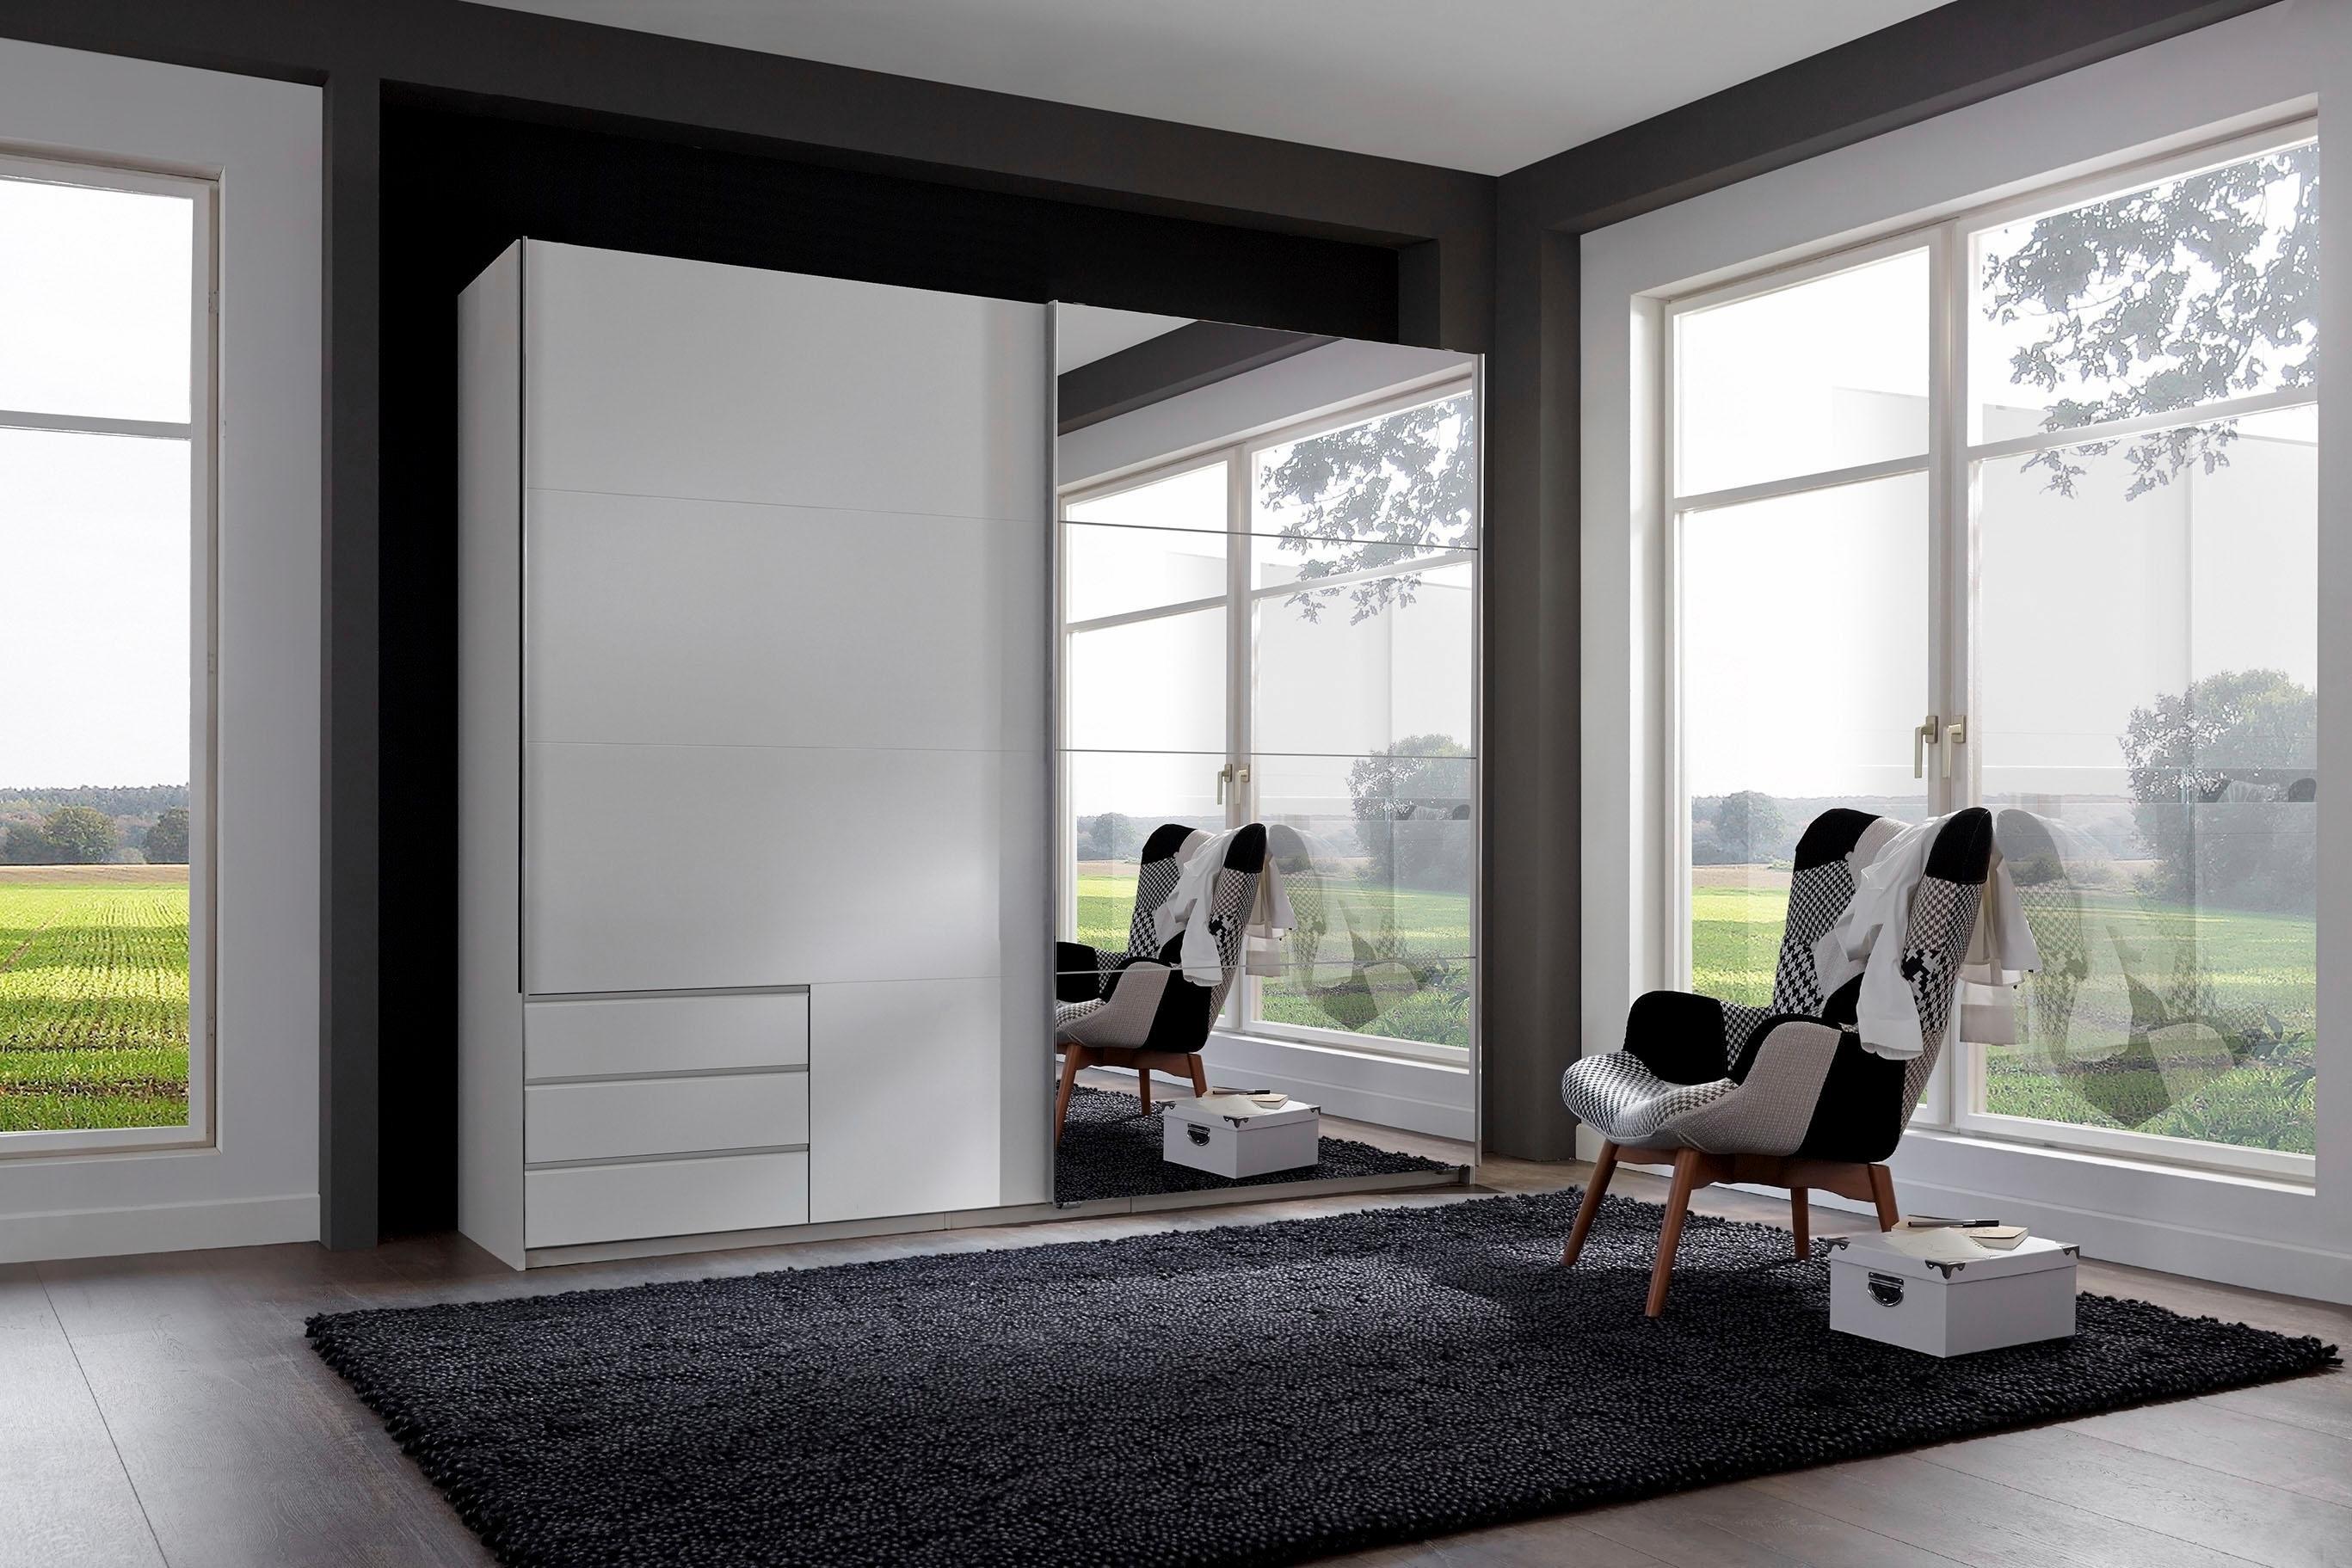 Wimex zweefdeurkast met spiegel en laden goedkoop op otto.nl kopen